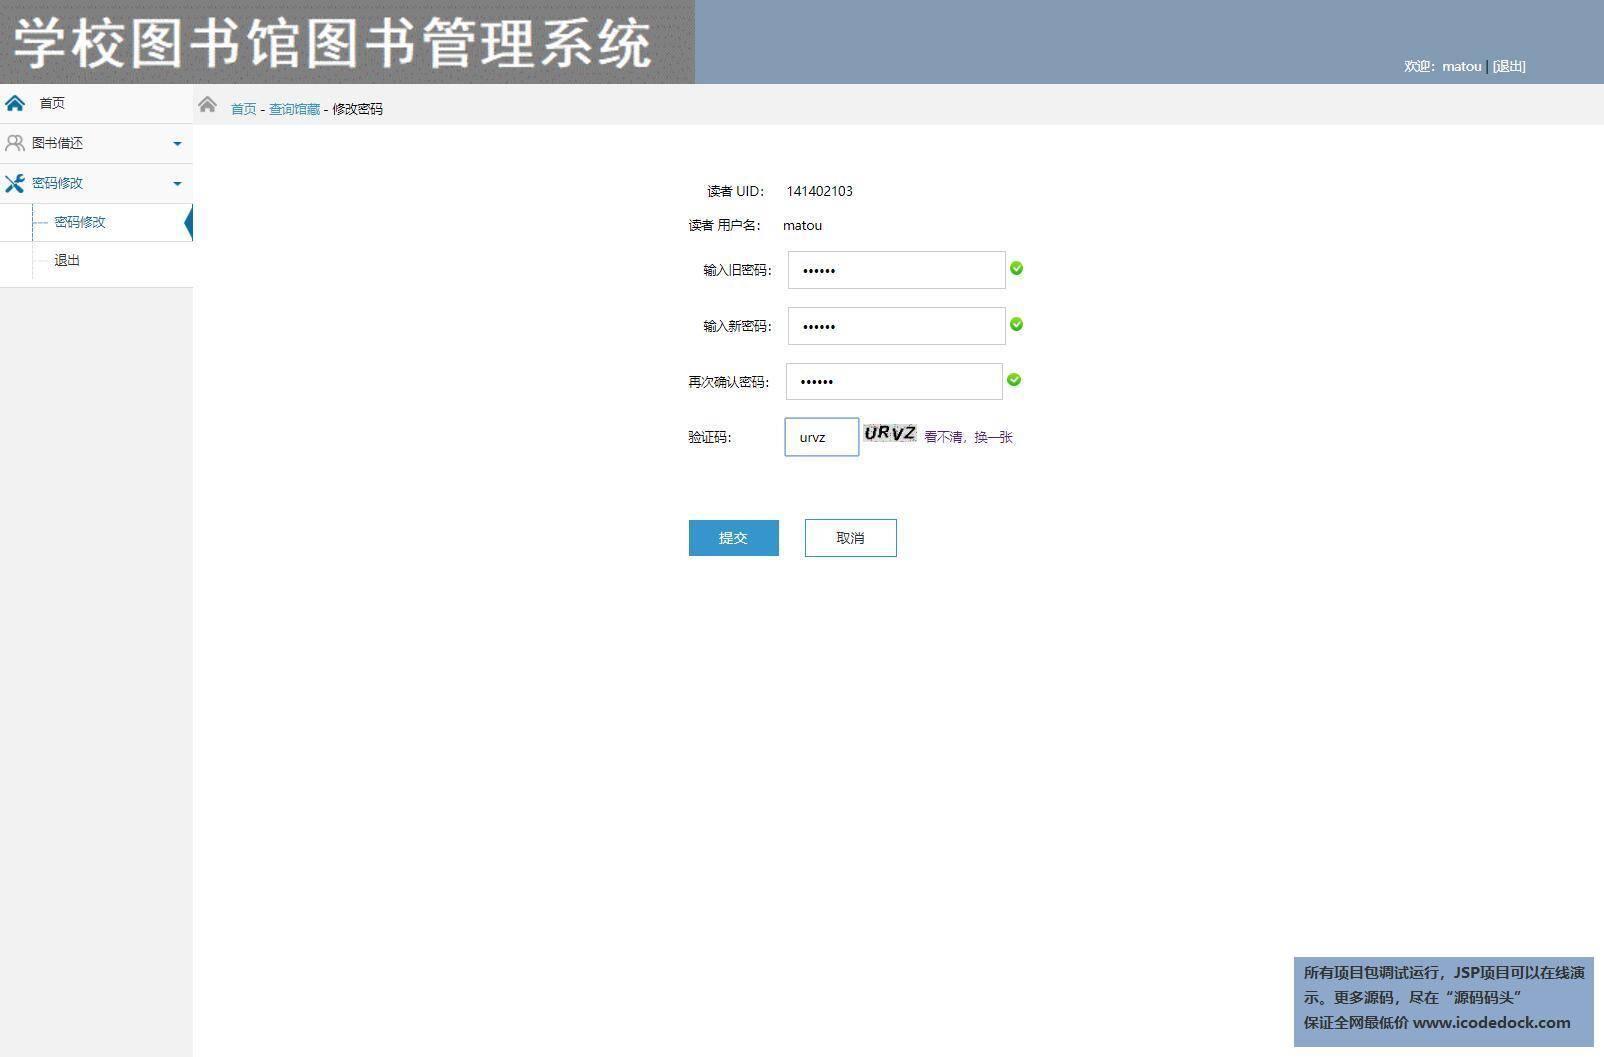 源码码头-JSP图书馆图书管理系统-学生角色-密码修改